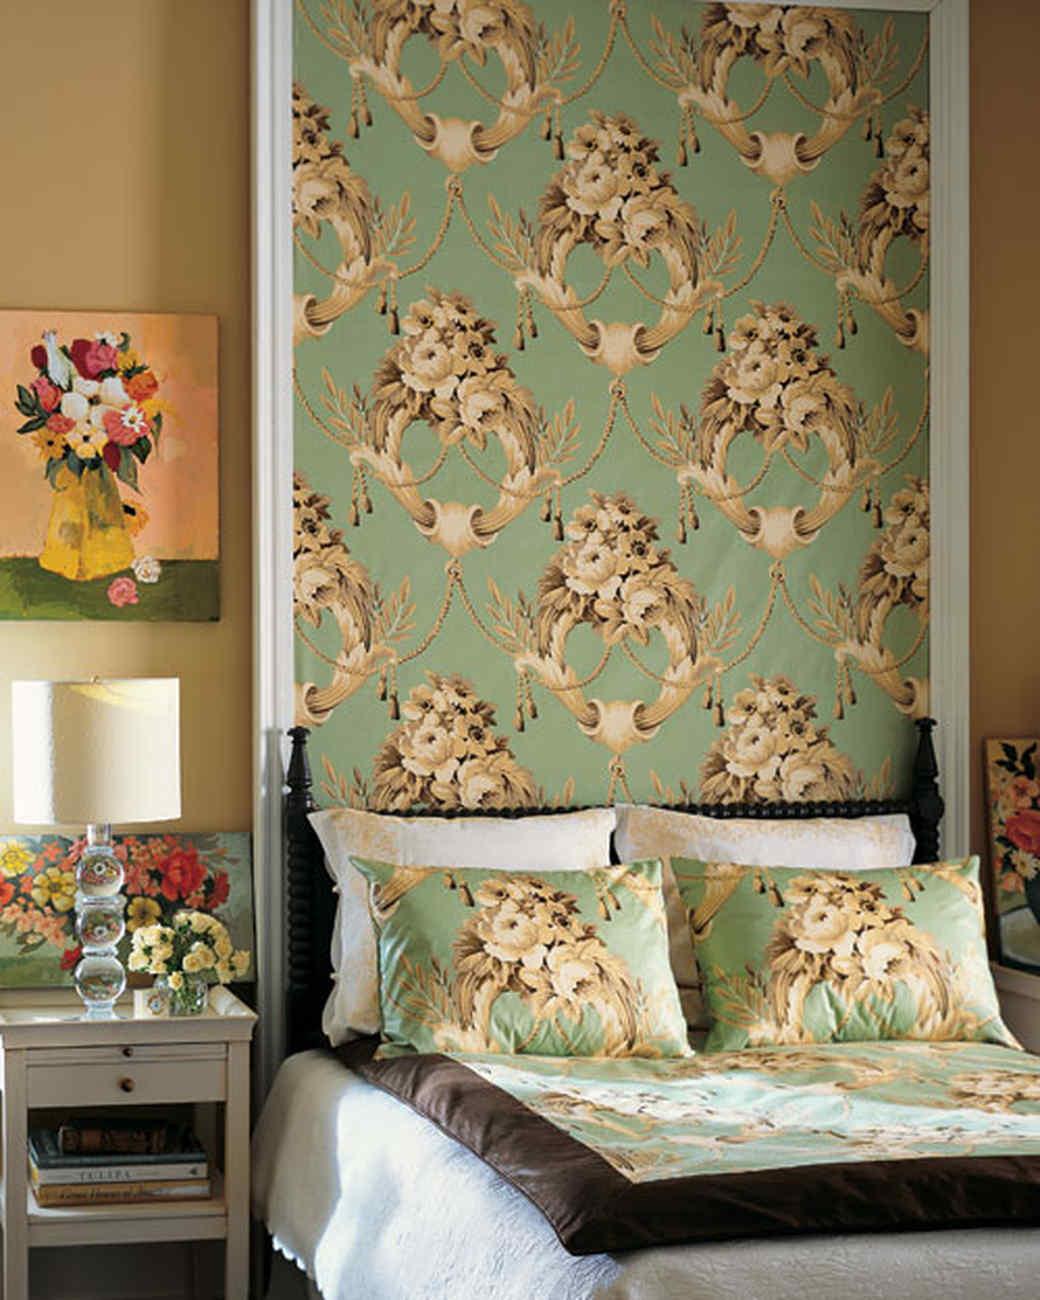 ml0404_0404_bedroom.jpg